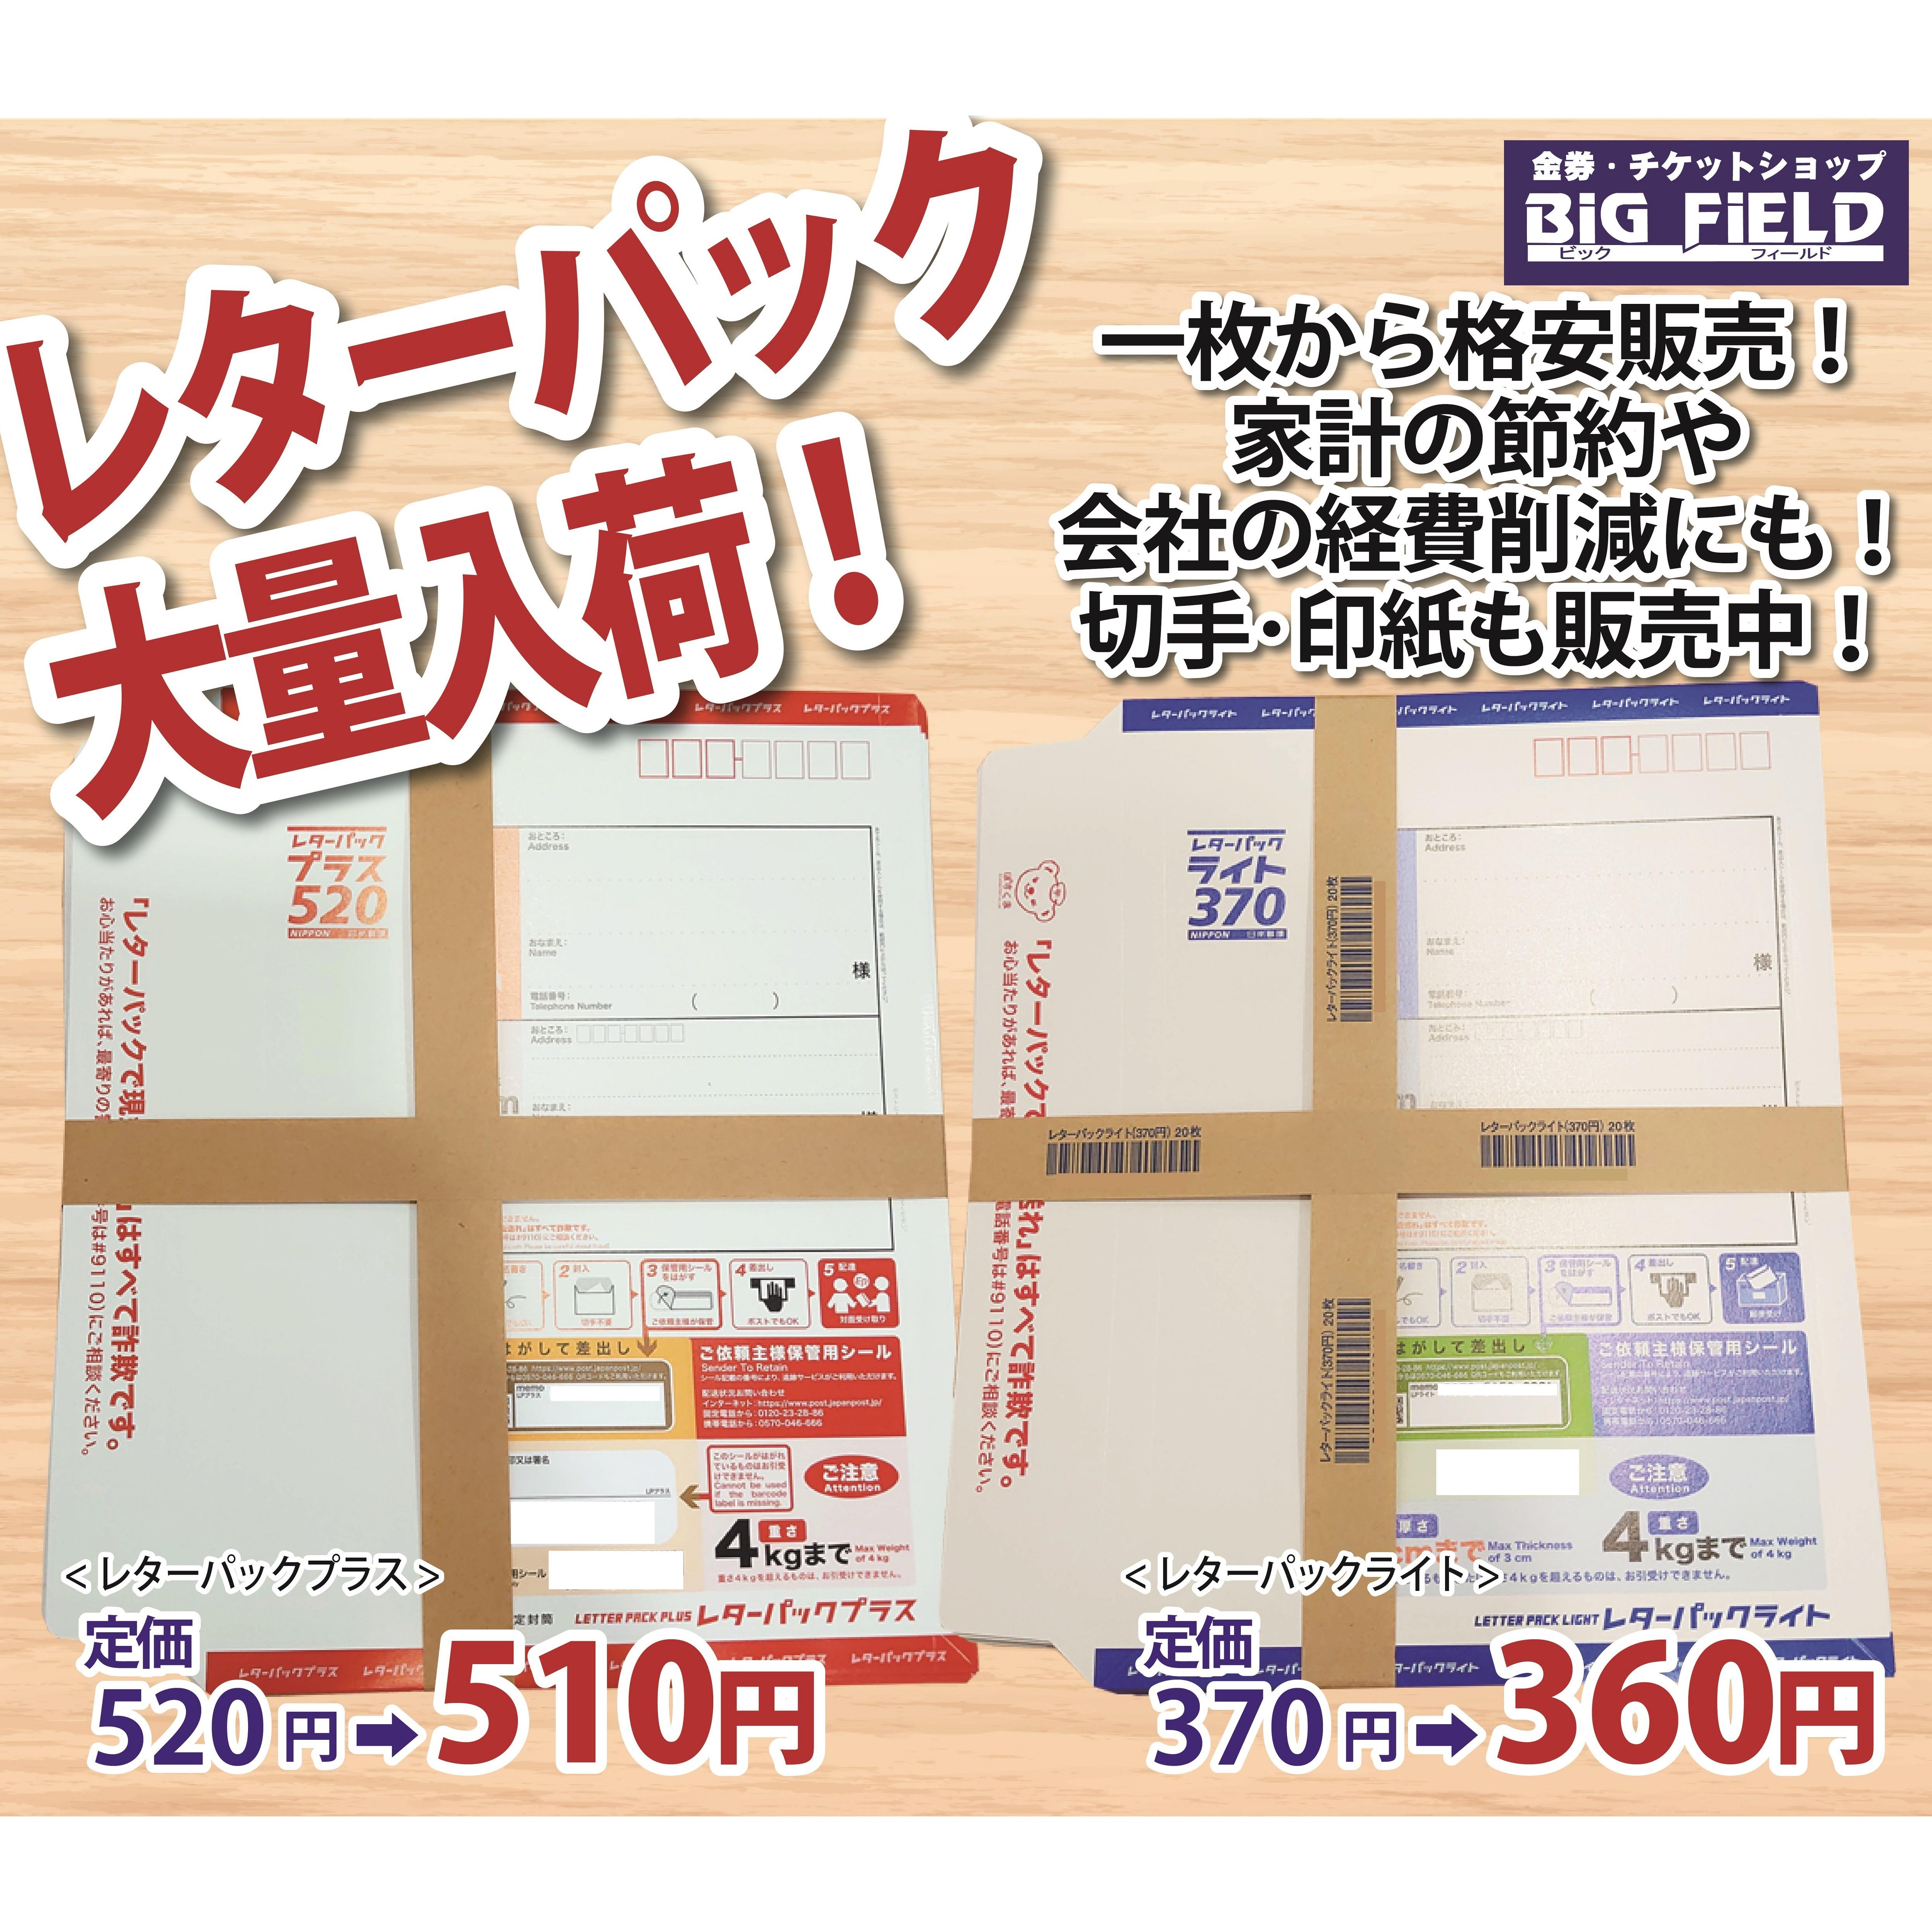 ★金券ショップ★レターパック・スマートレター大量入荷しました!